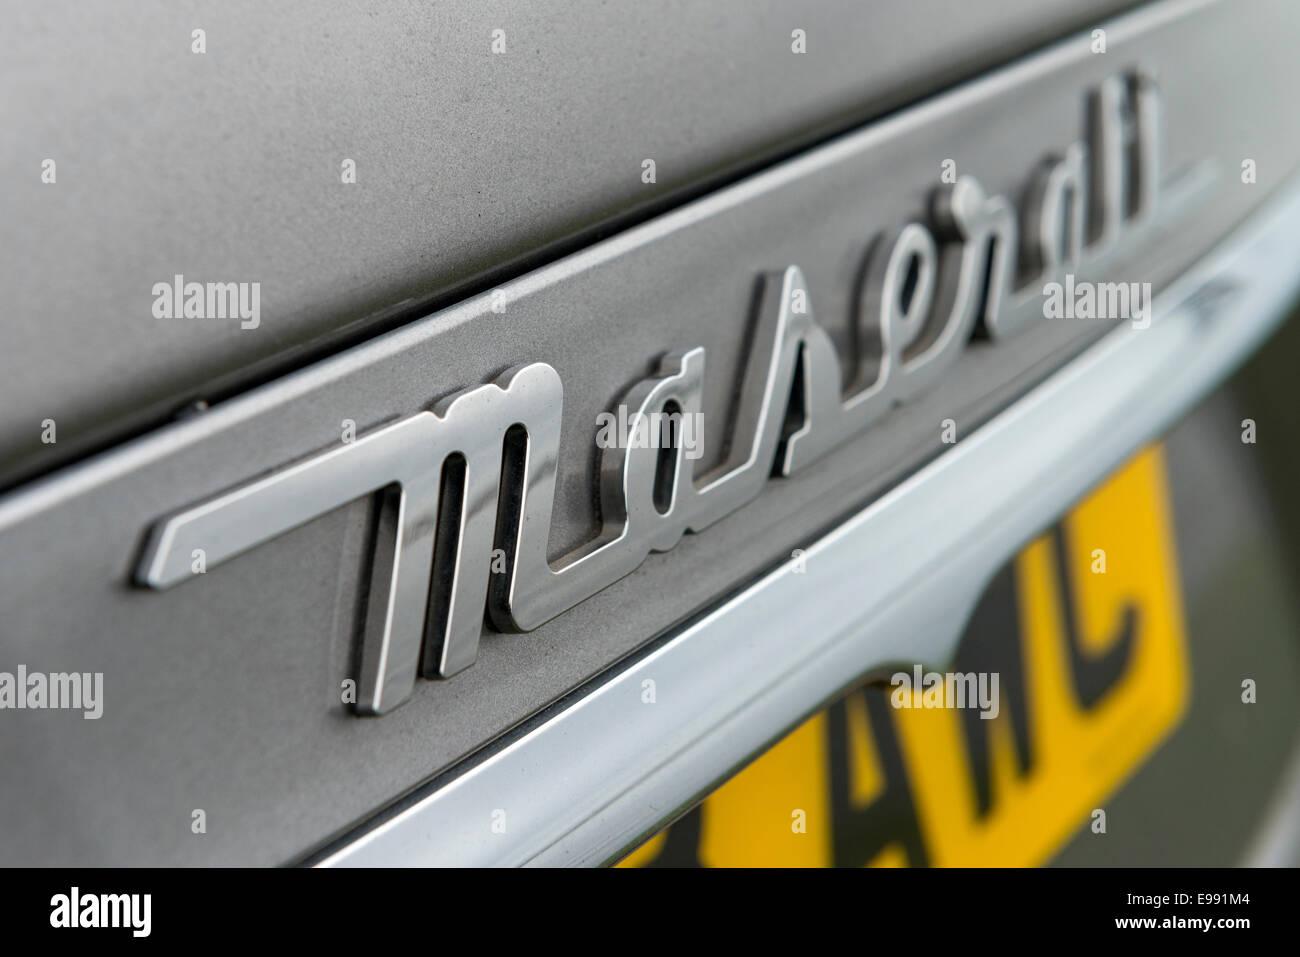 A Maserati Ghibli sports saloon car photographed at Penarth Marina, South Wales. - Stock Image